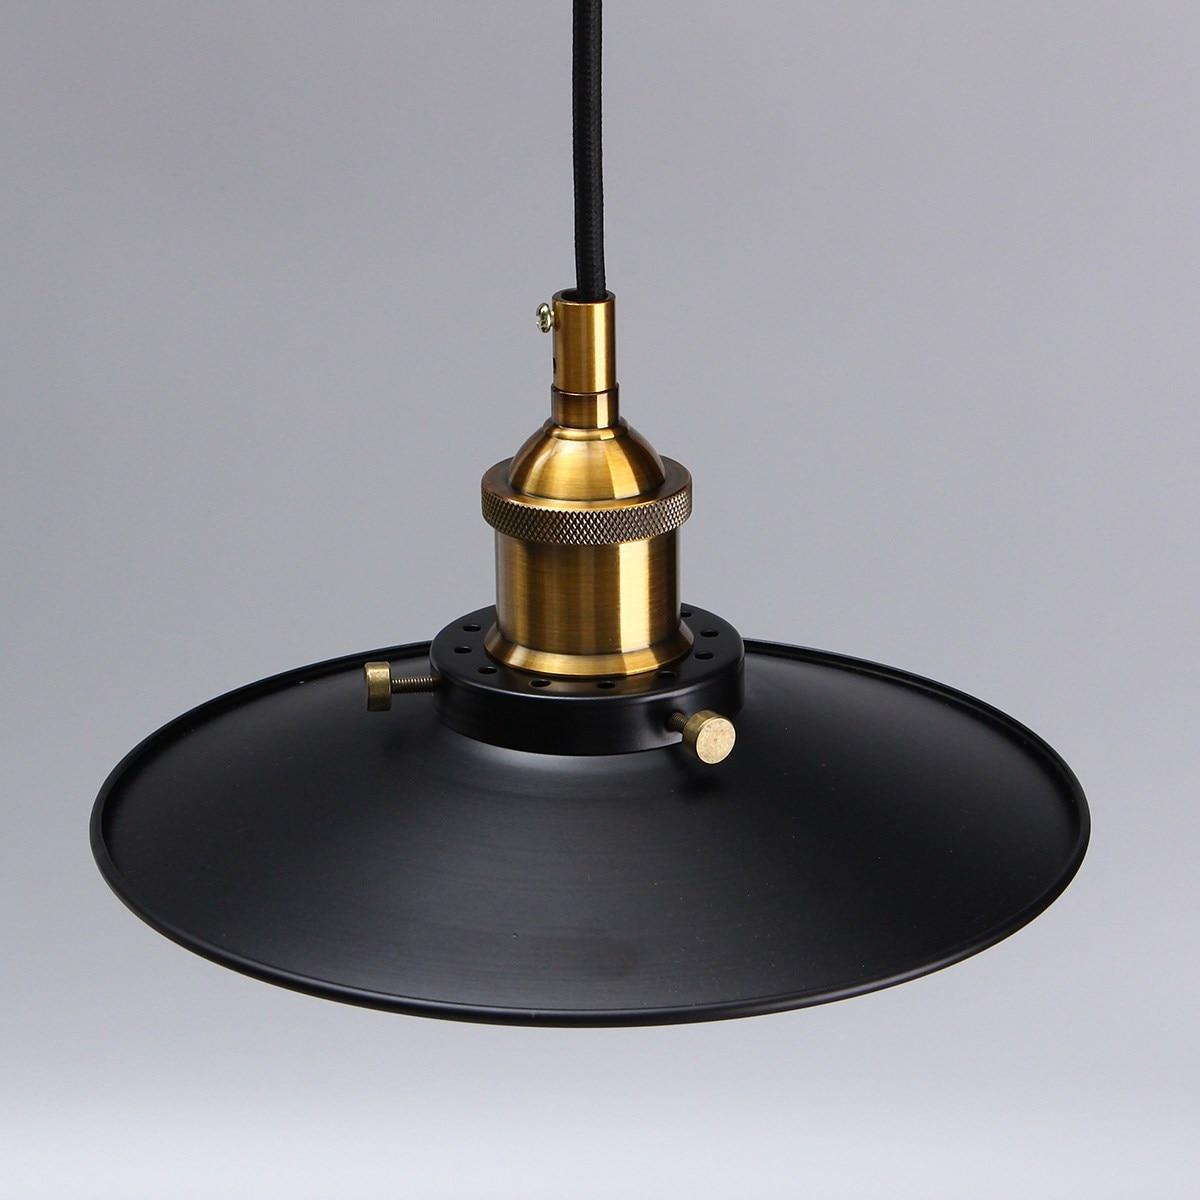 Ausgezeichnet Hähnchen Draht Tischlampe Galerie - Elektrische ...